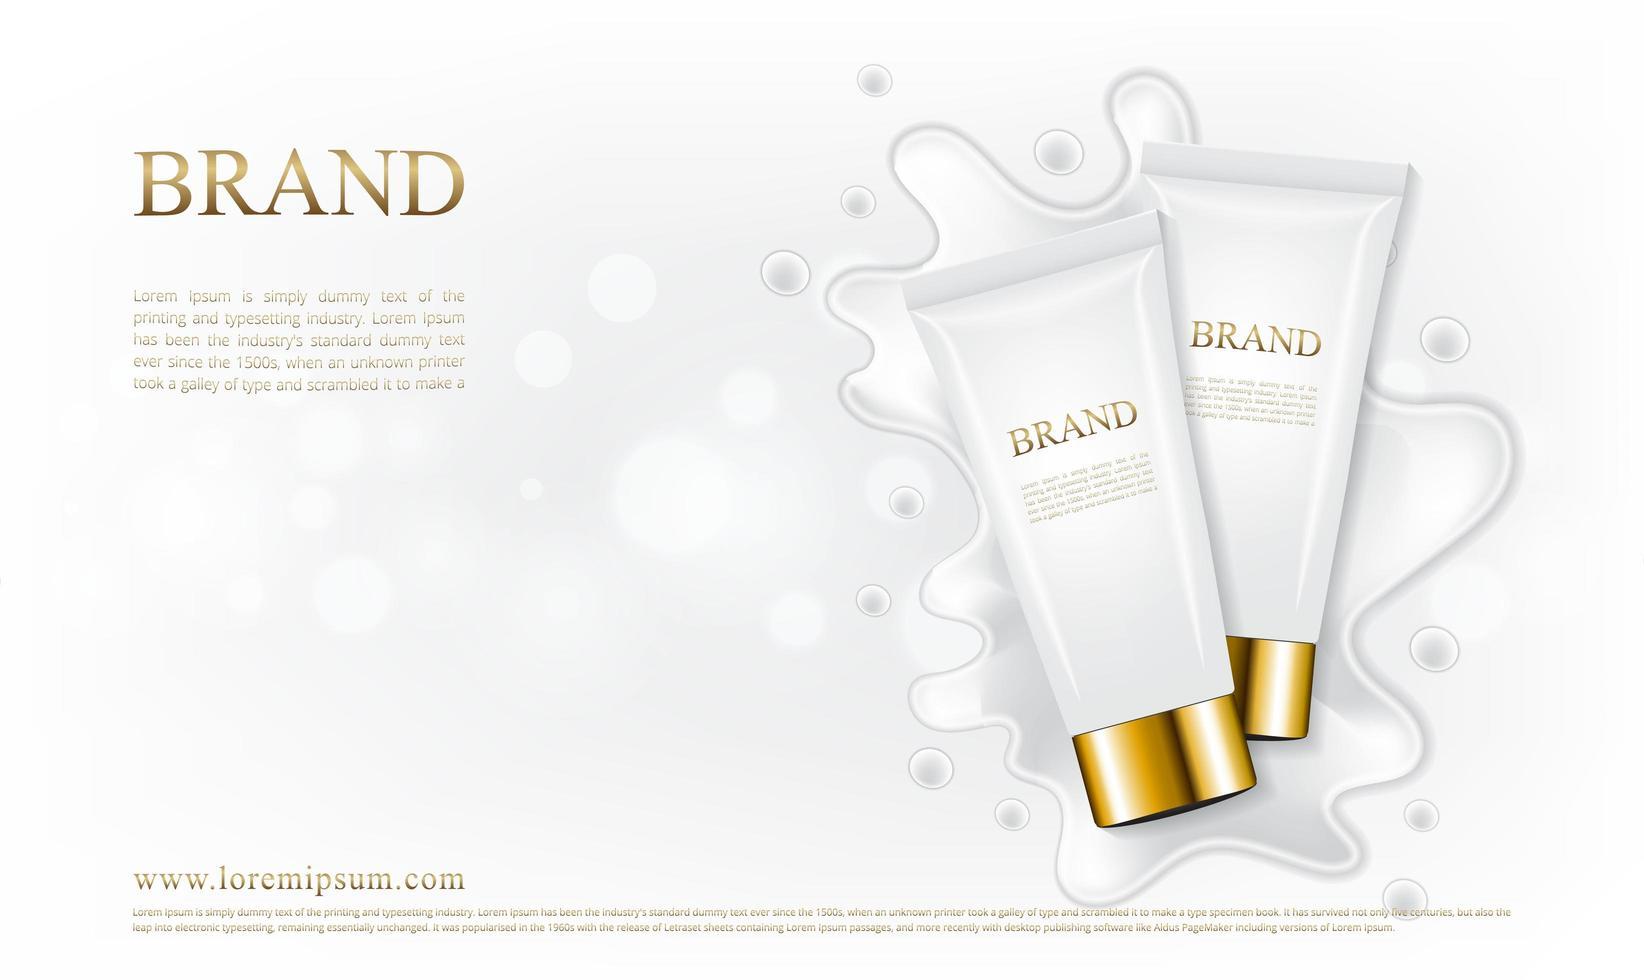 Cuidado de la piel del tubo cosmético con salpicaduras de crema blanca. vector